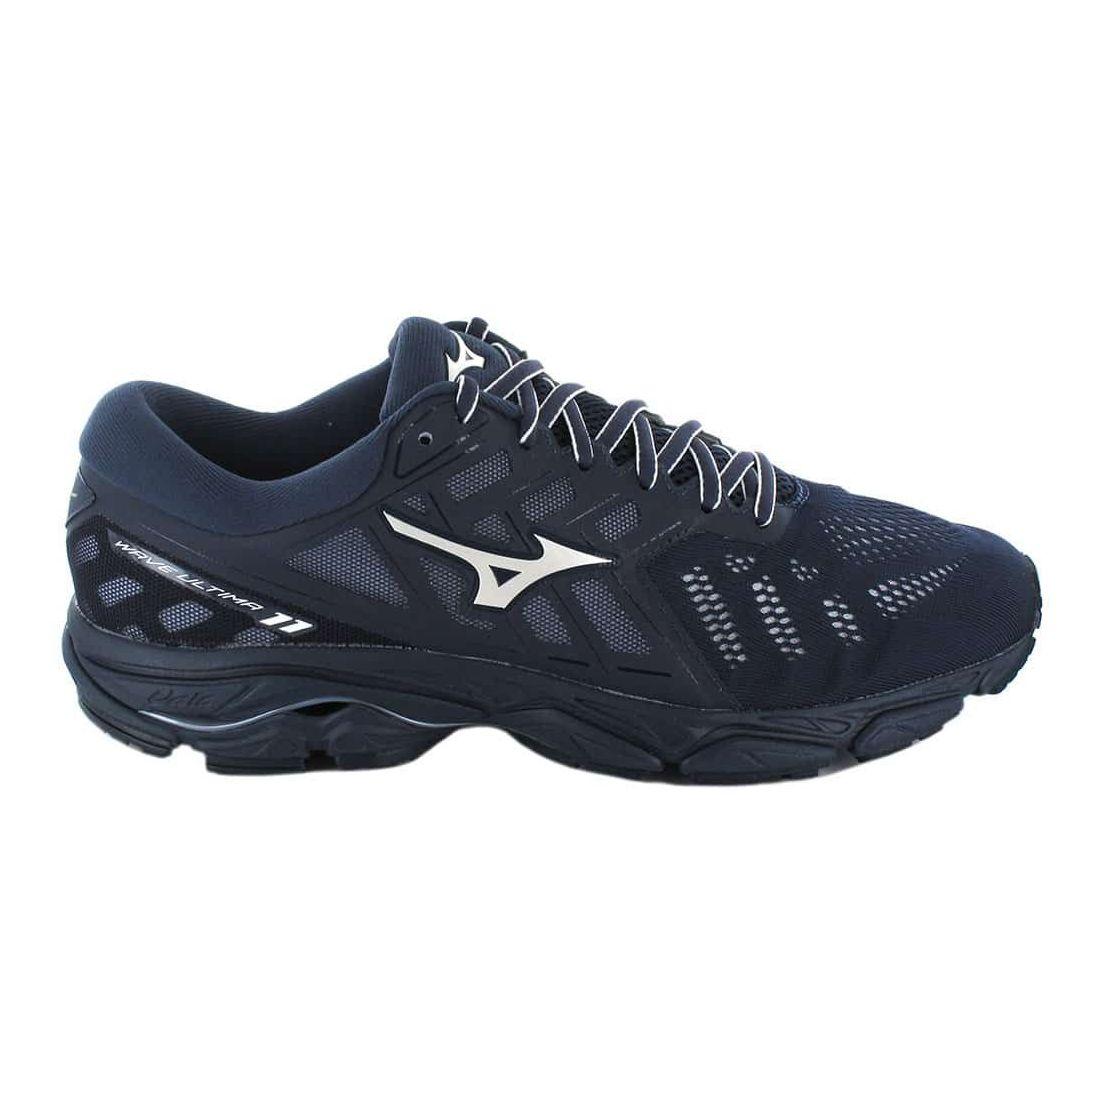 mizuno mens running shoes size 11 precio